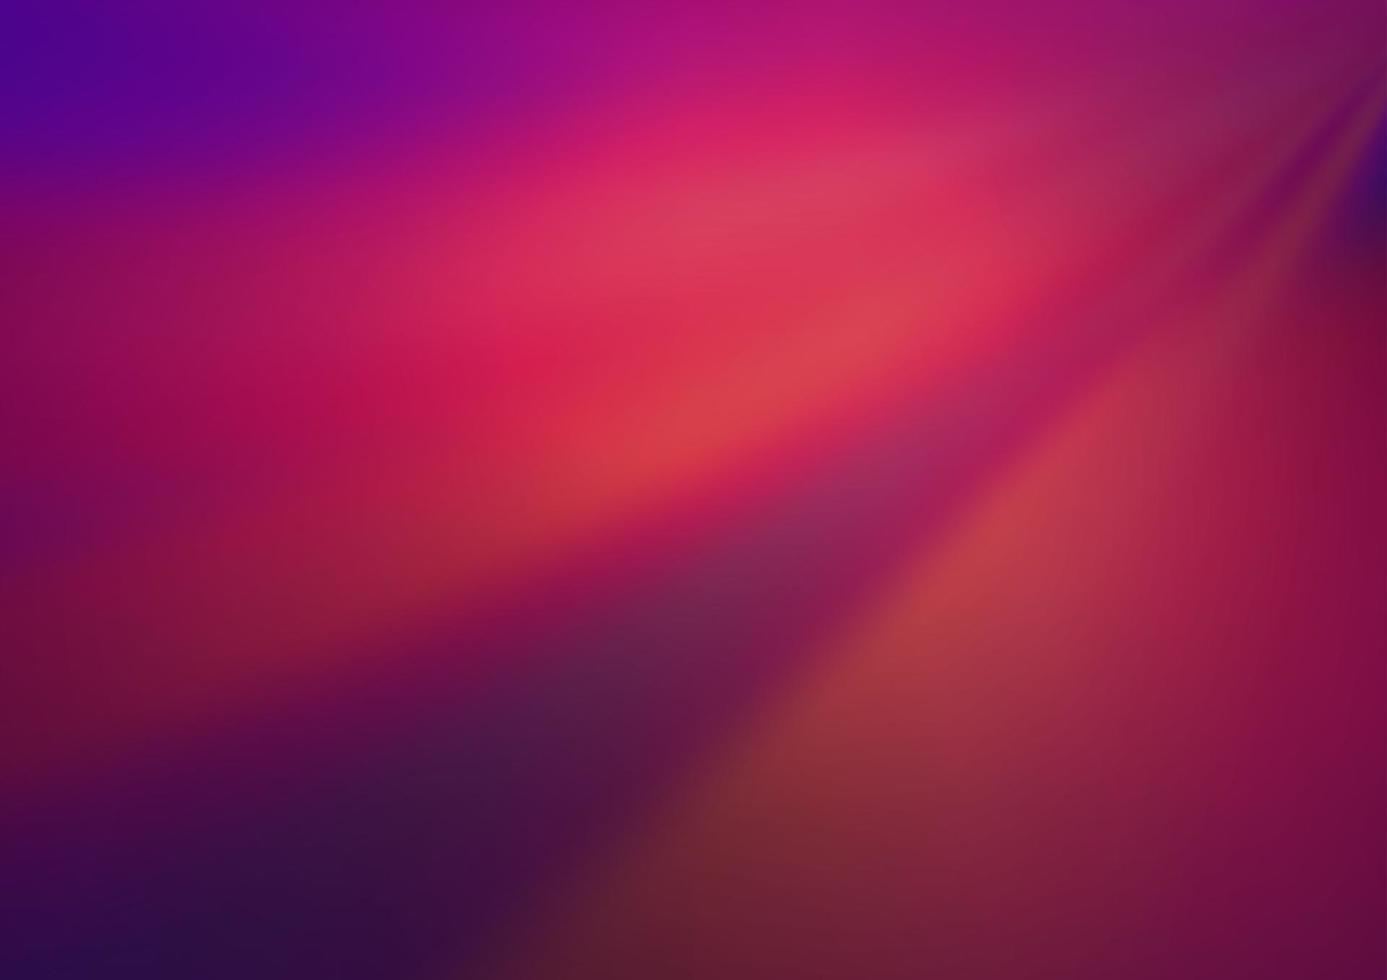 fundo brilhante do sumário do vetor roxo escuro.